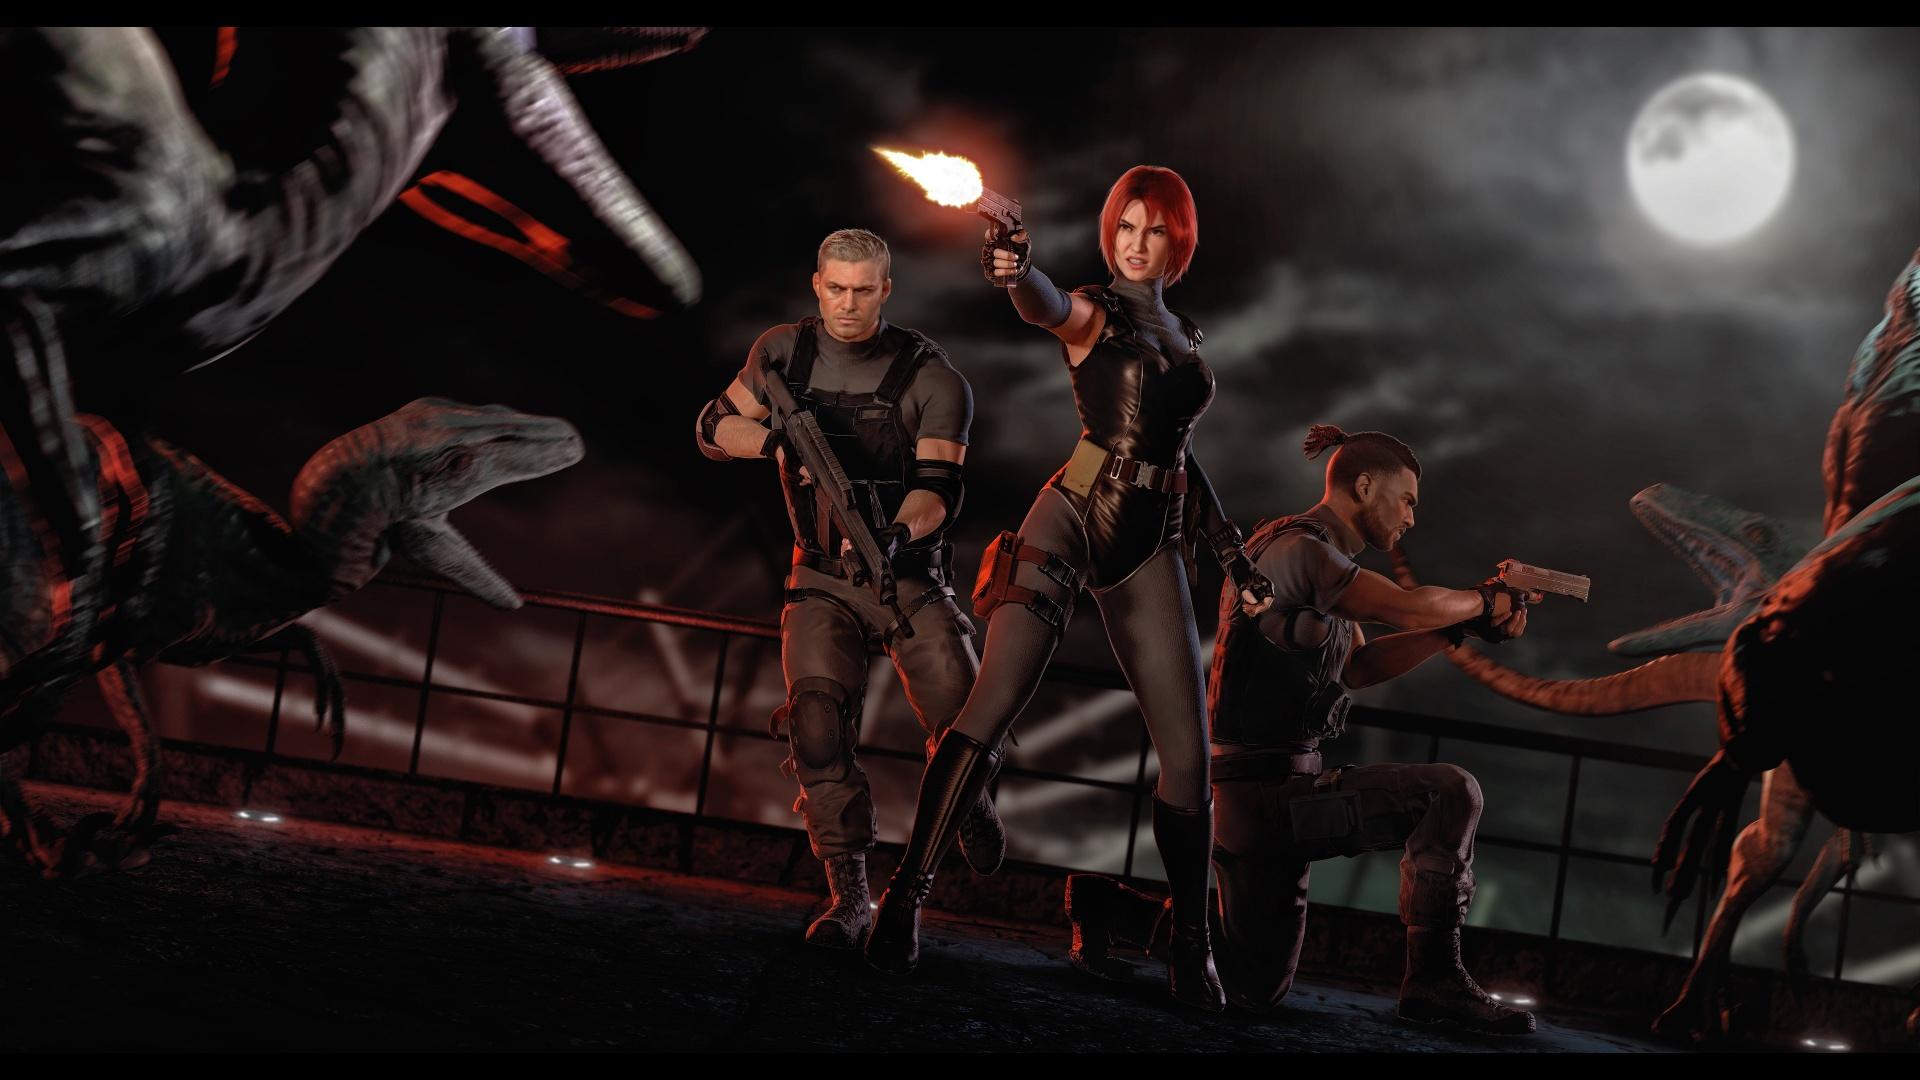 Энтузиасты выпустили переиздание Dino Crisis для PC